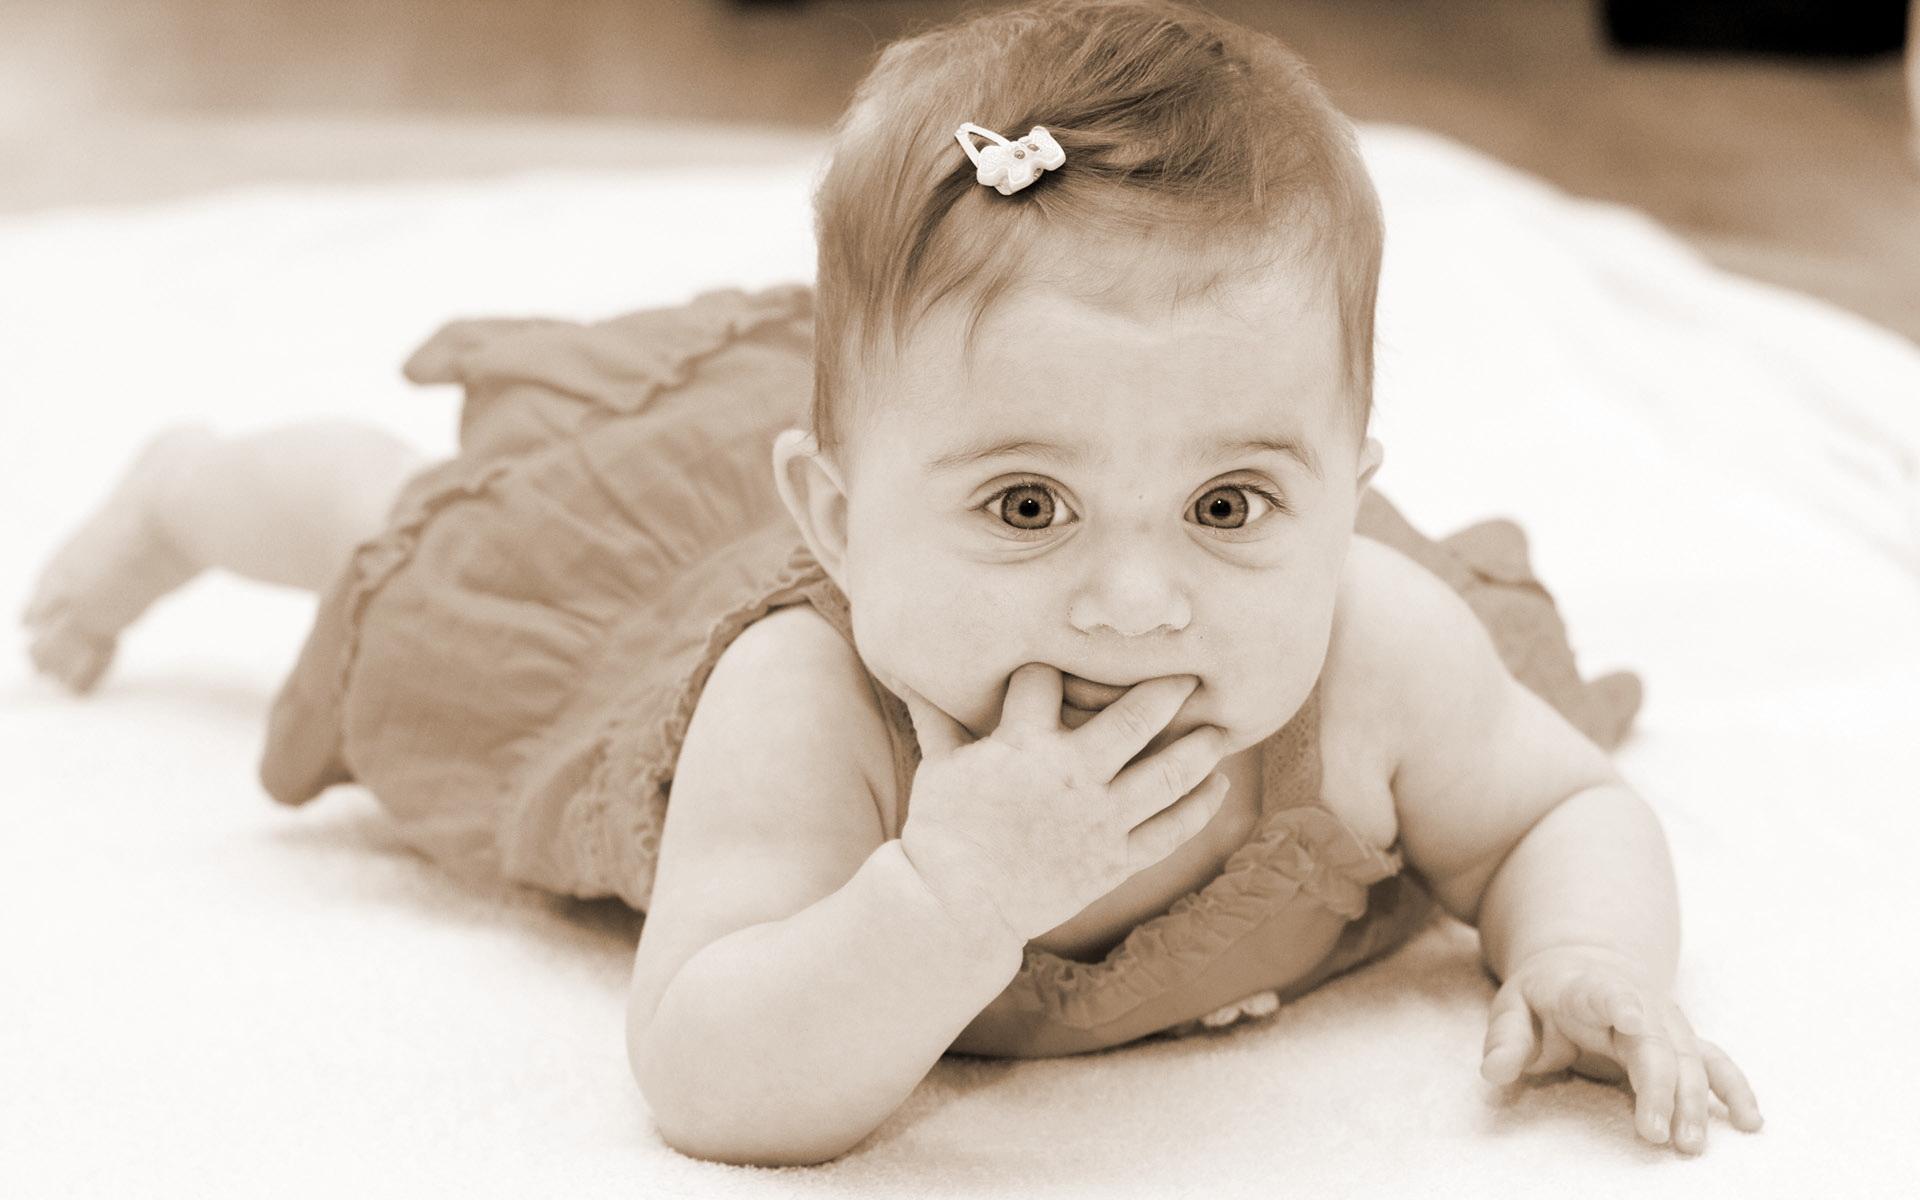 بالصور خلفيات اطفال ابيض واسود 20160908 3378